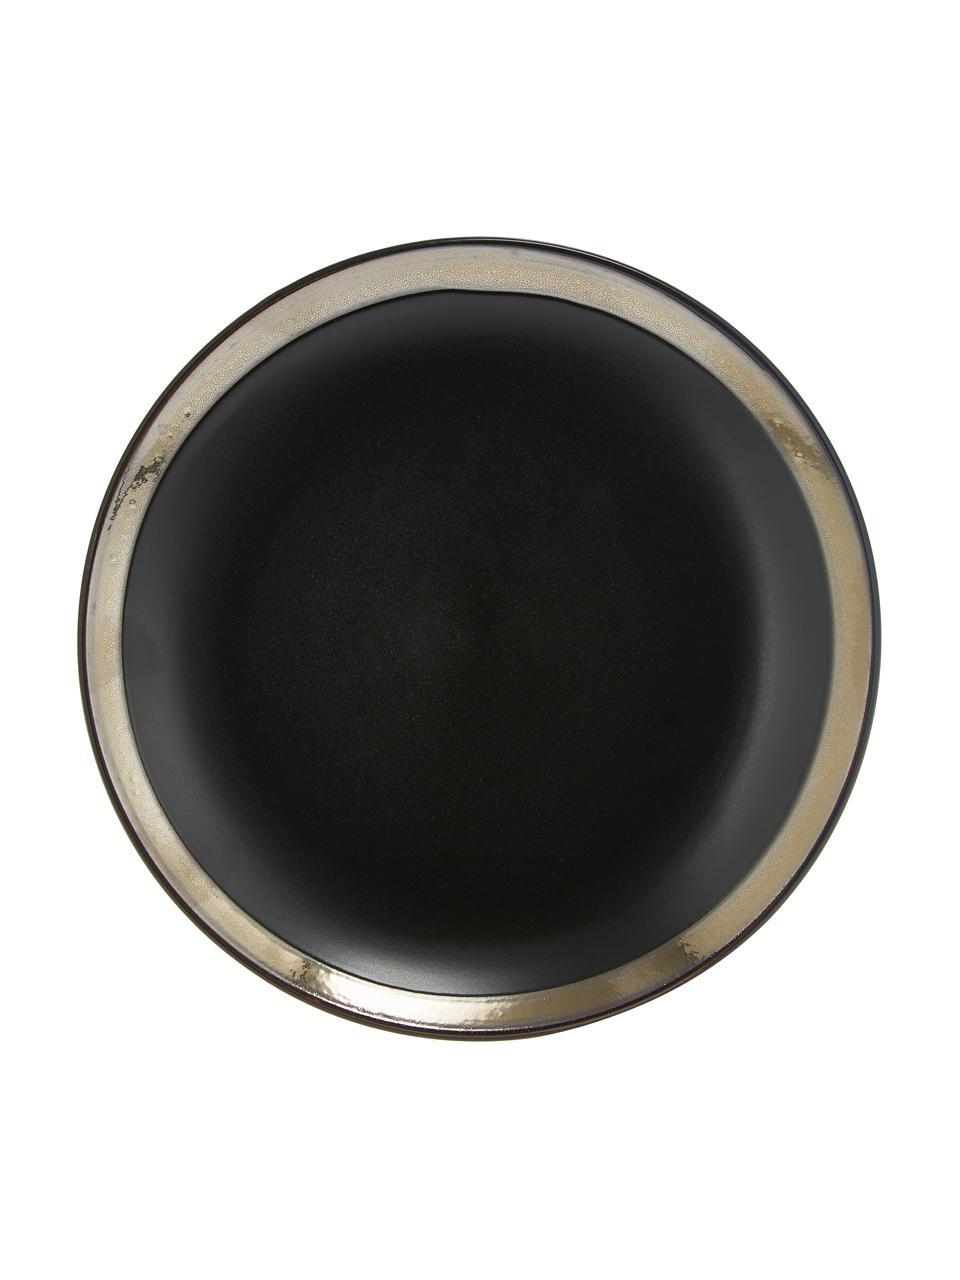 Geschirrset Naima in Schwarz mit goldenem Rand, 6 Personen (18-tlg.), Steingut, Schwarz, Goldfarben, Sondergrößen